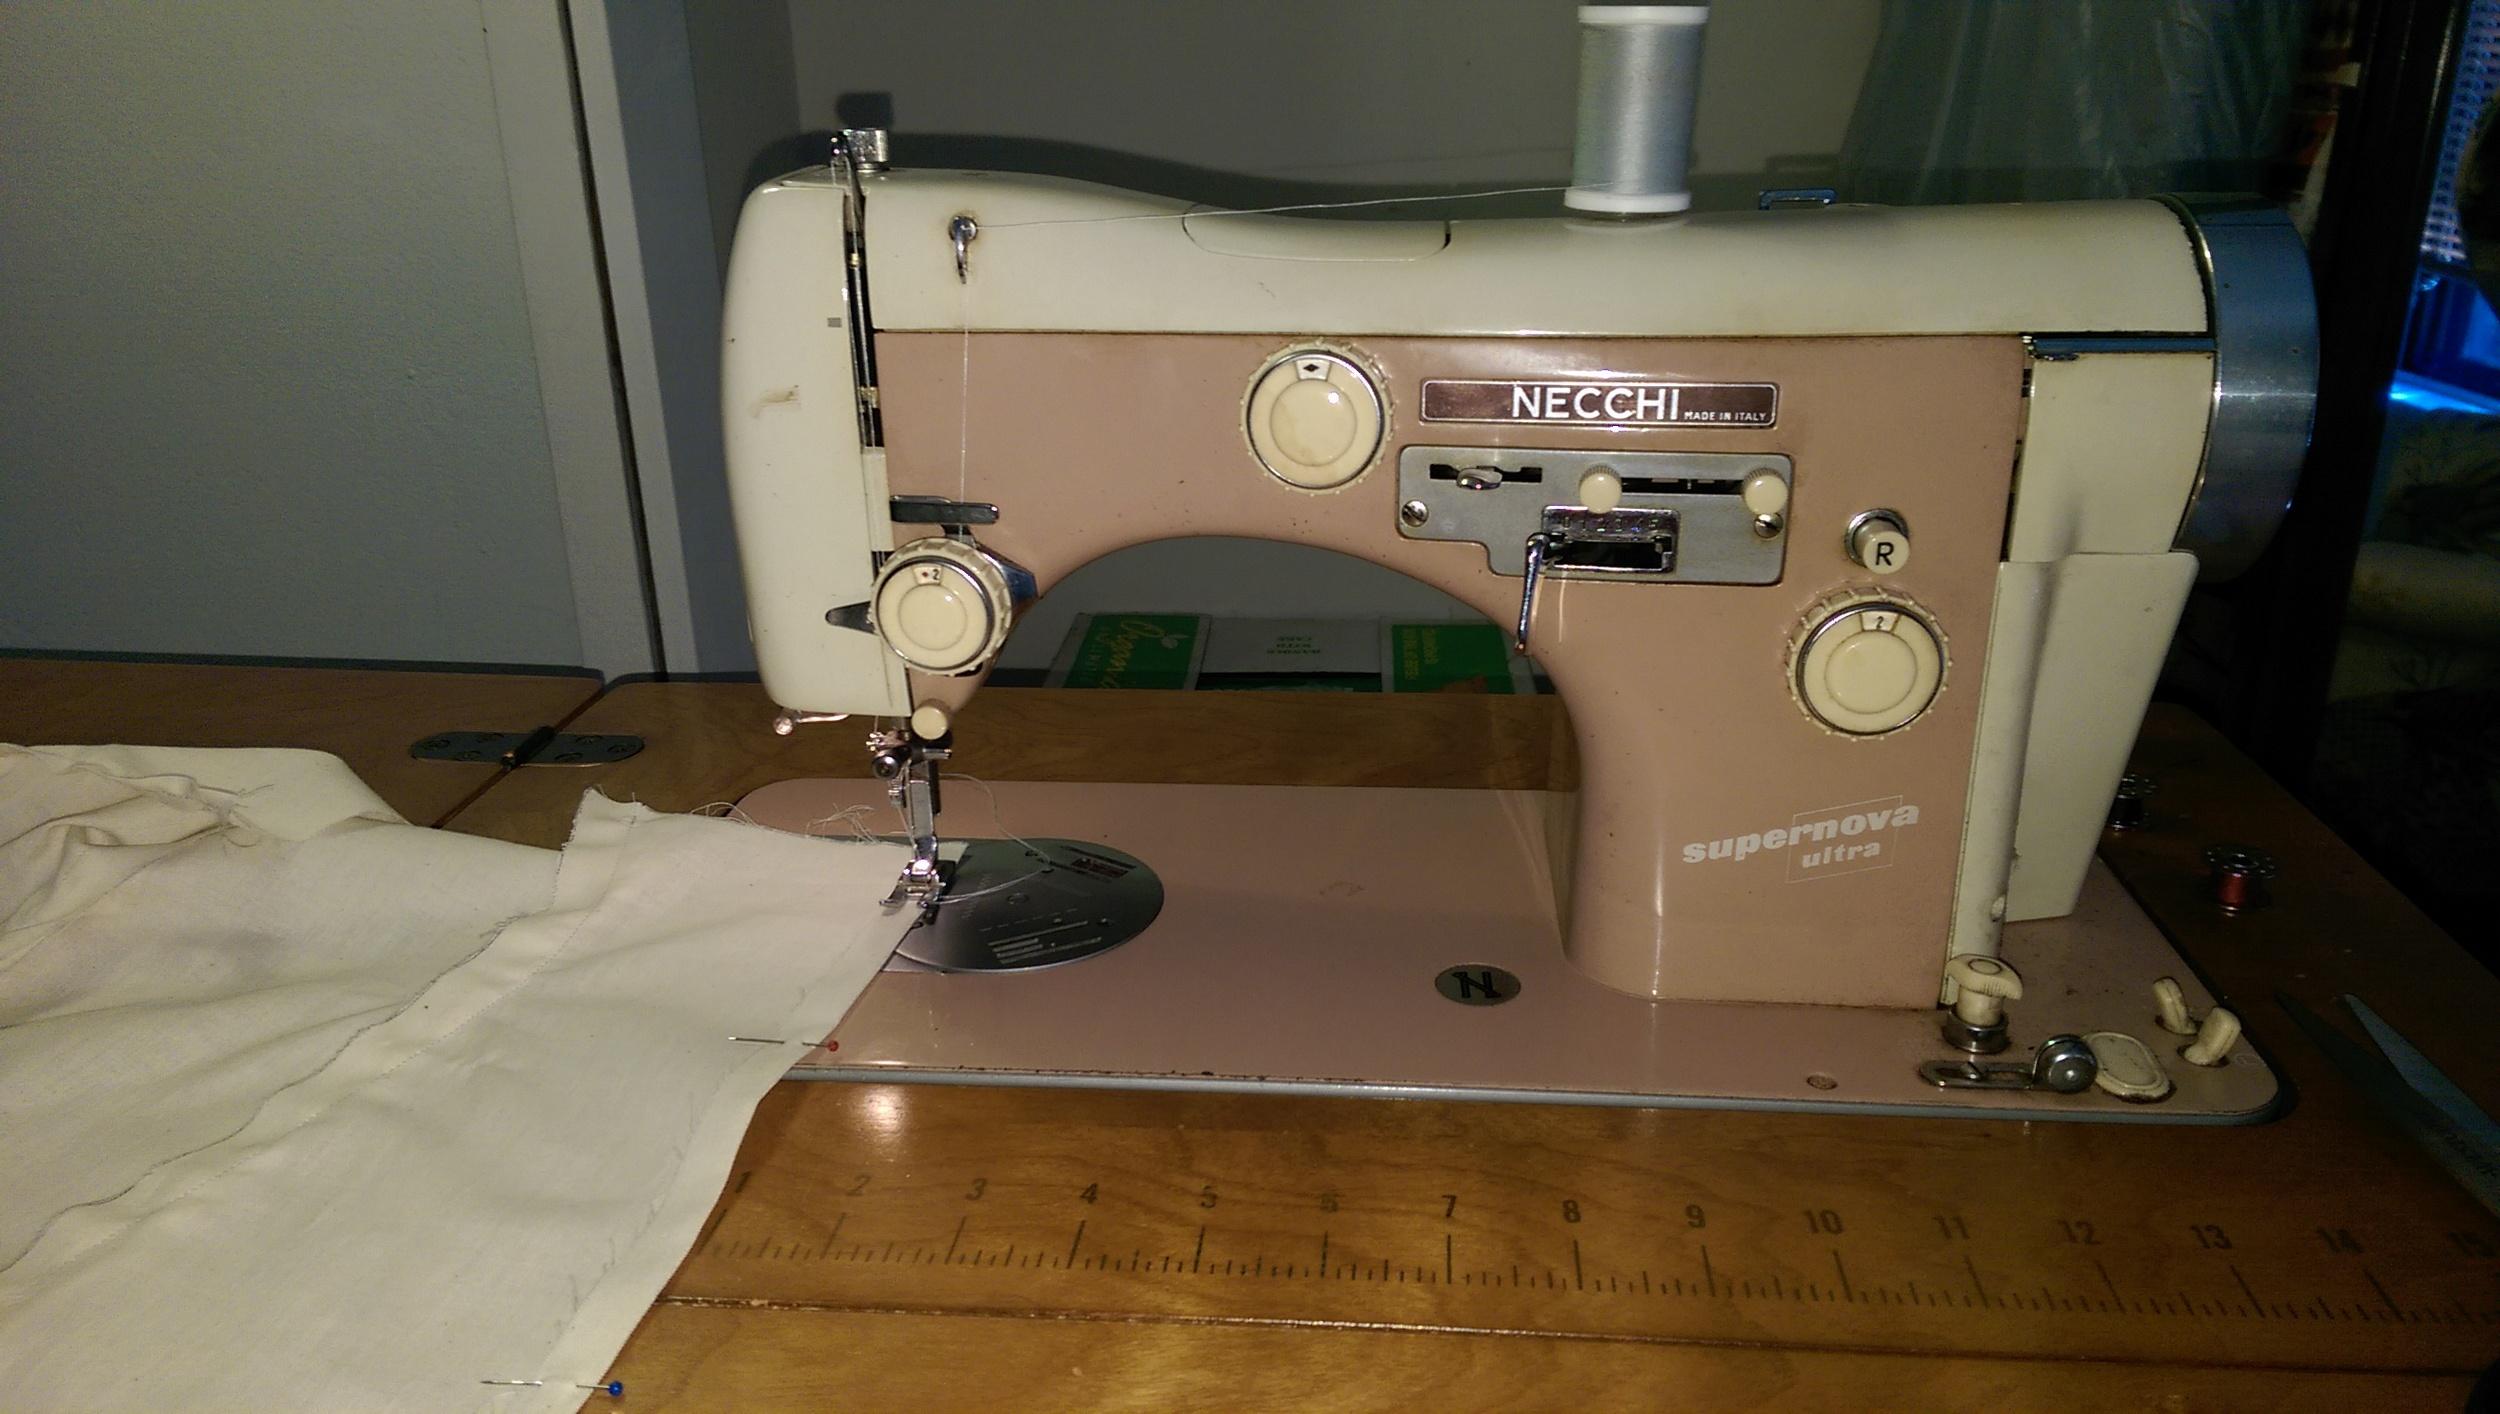 The beast, my 1955 Necchi sewing machine